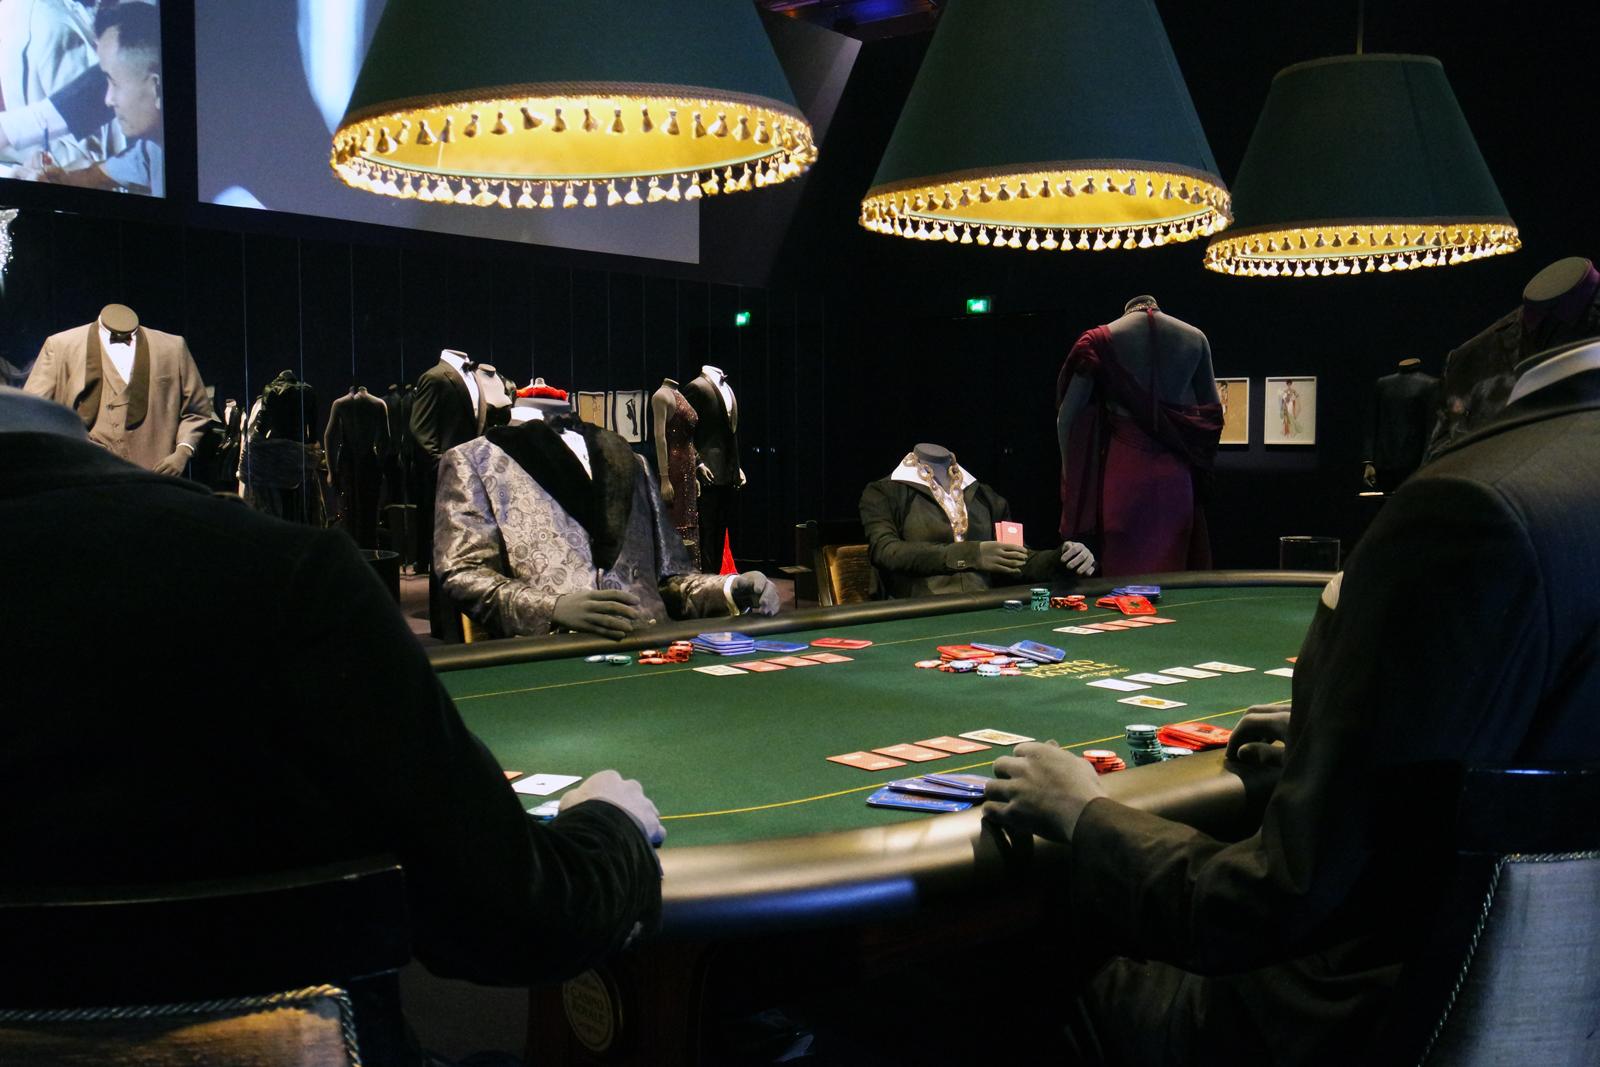 Cast completo 007 casino royale